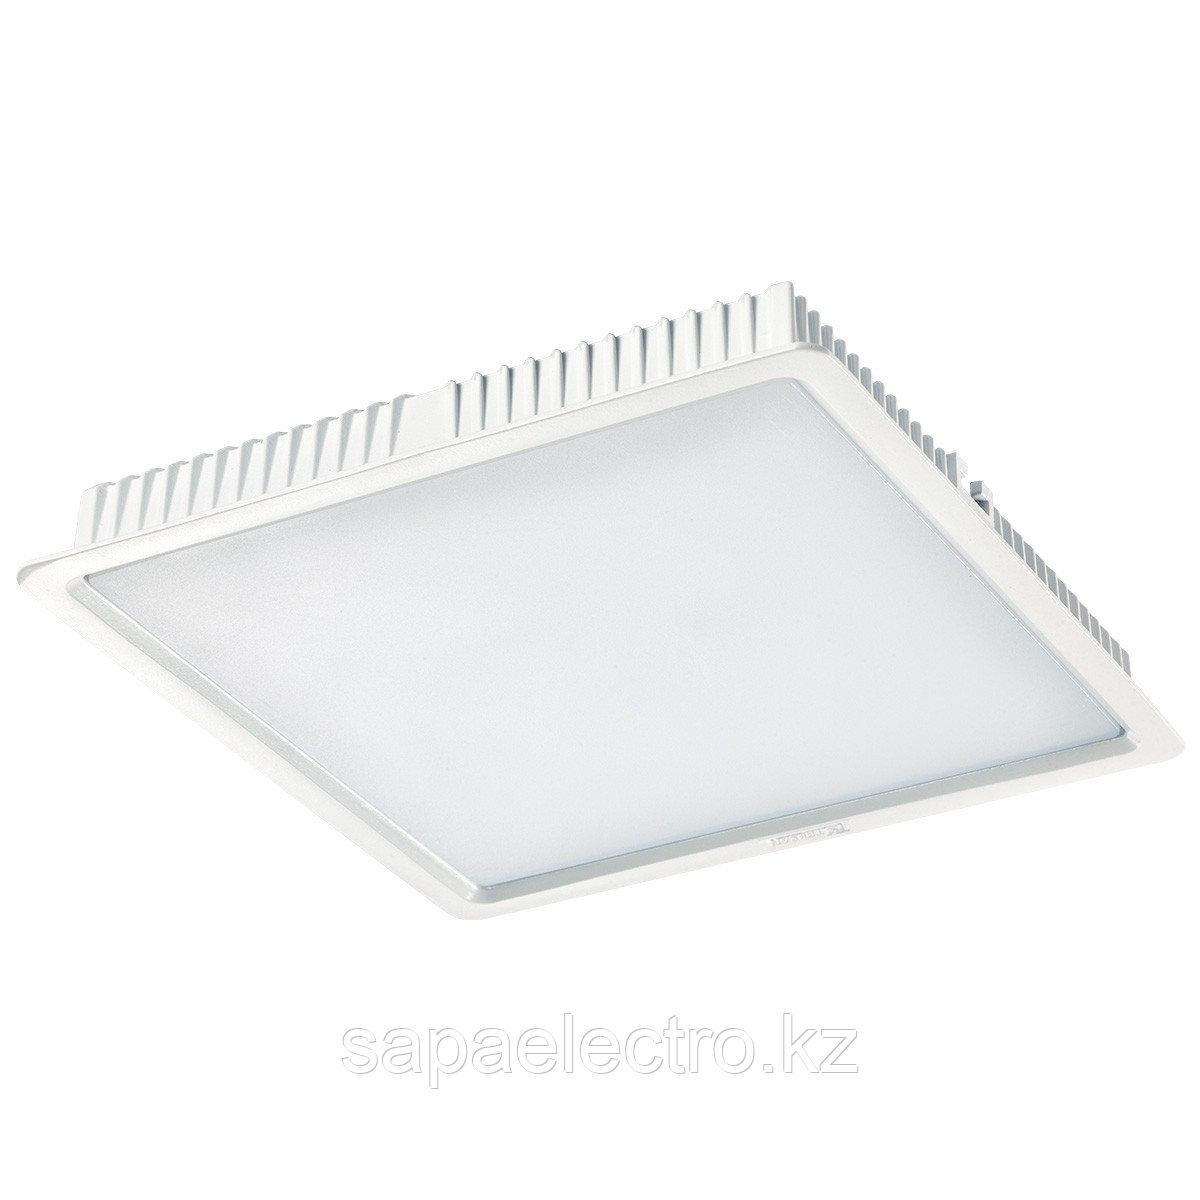 Свет-к LED SQ PANEL 30W 6000K WHITE (TEKSAN) 20шт